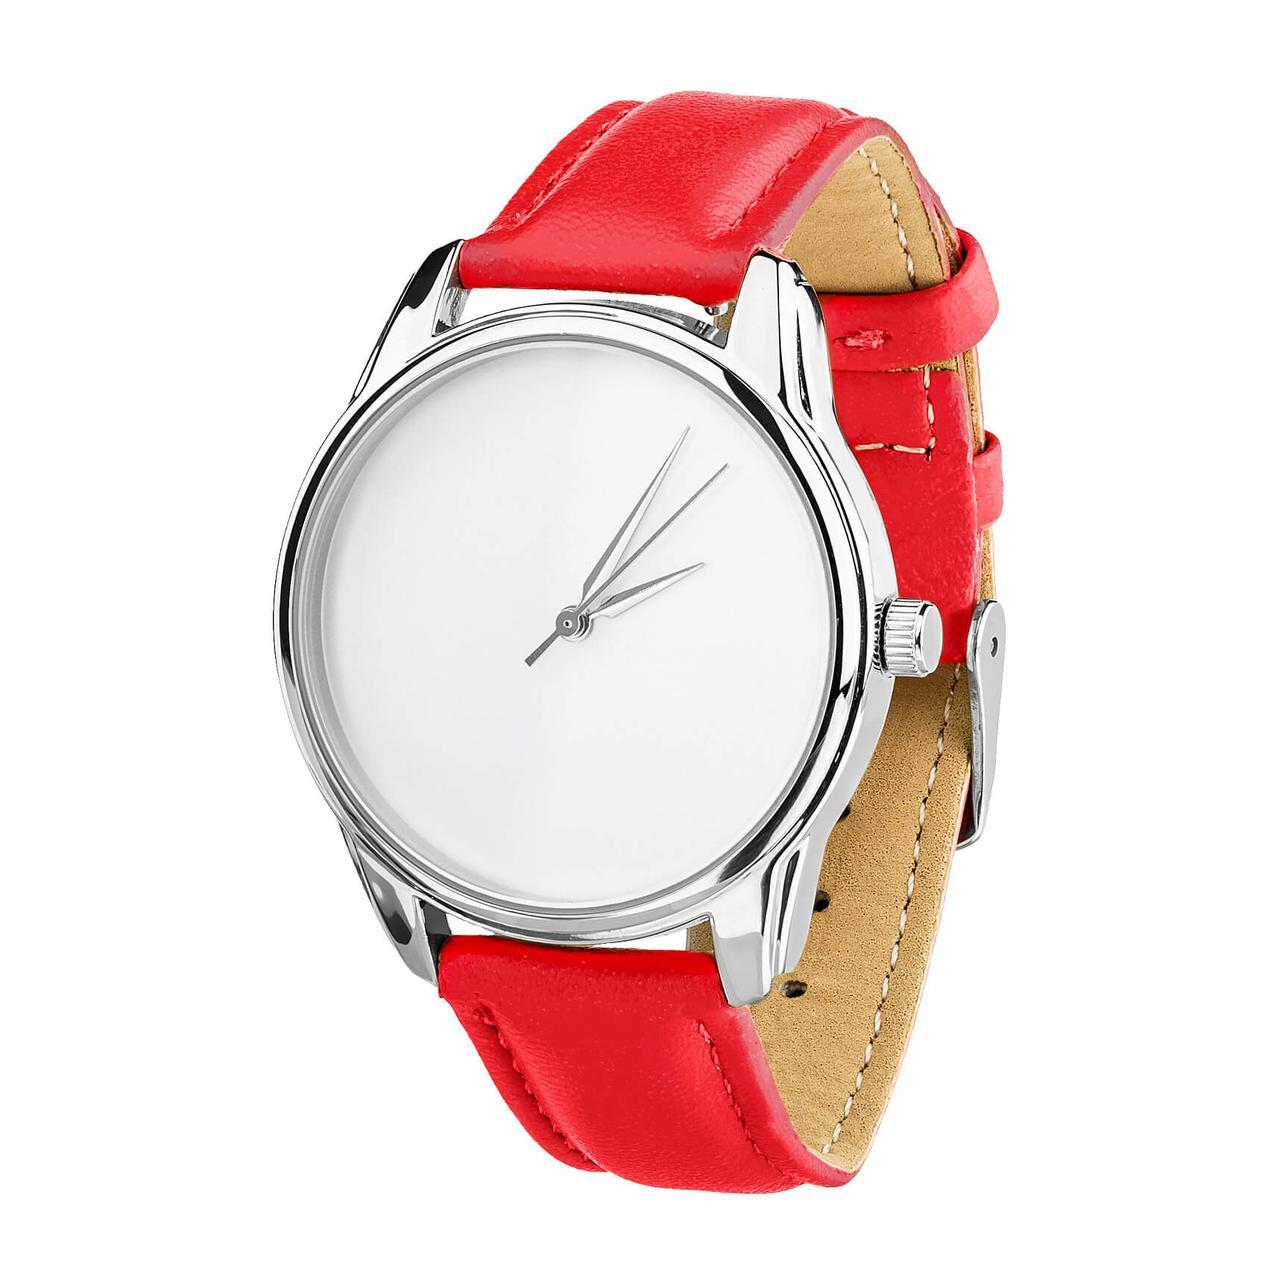 Годинник ZIZ Мінімалізм (ремінець маково - червоний, срібло) + додатковий ремінець